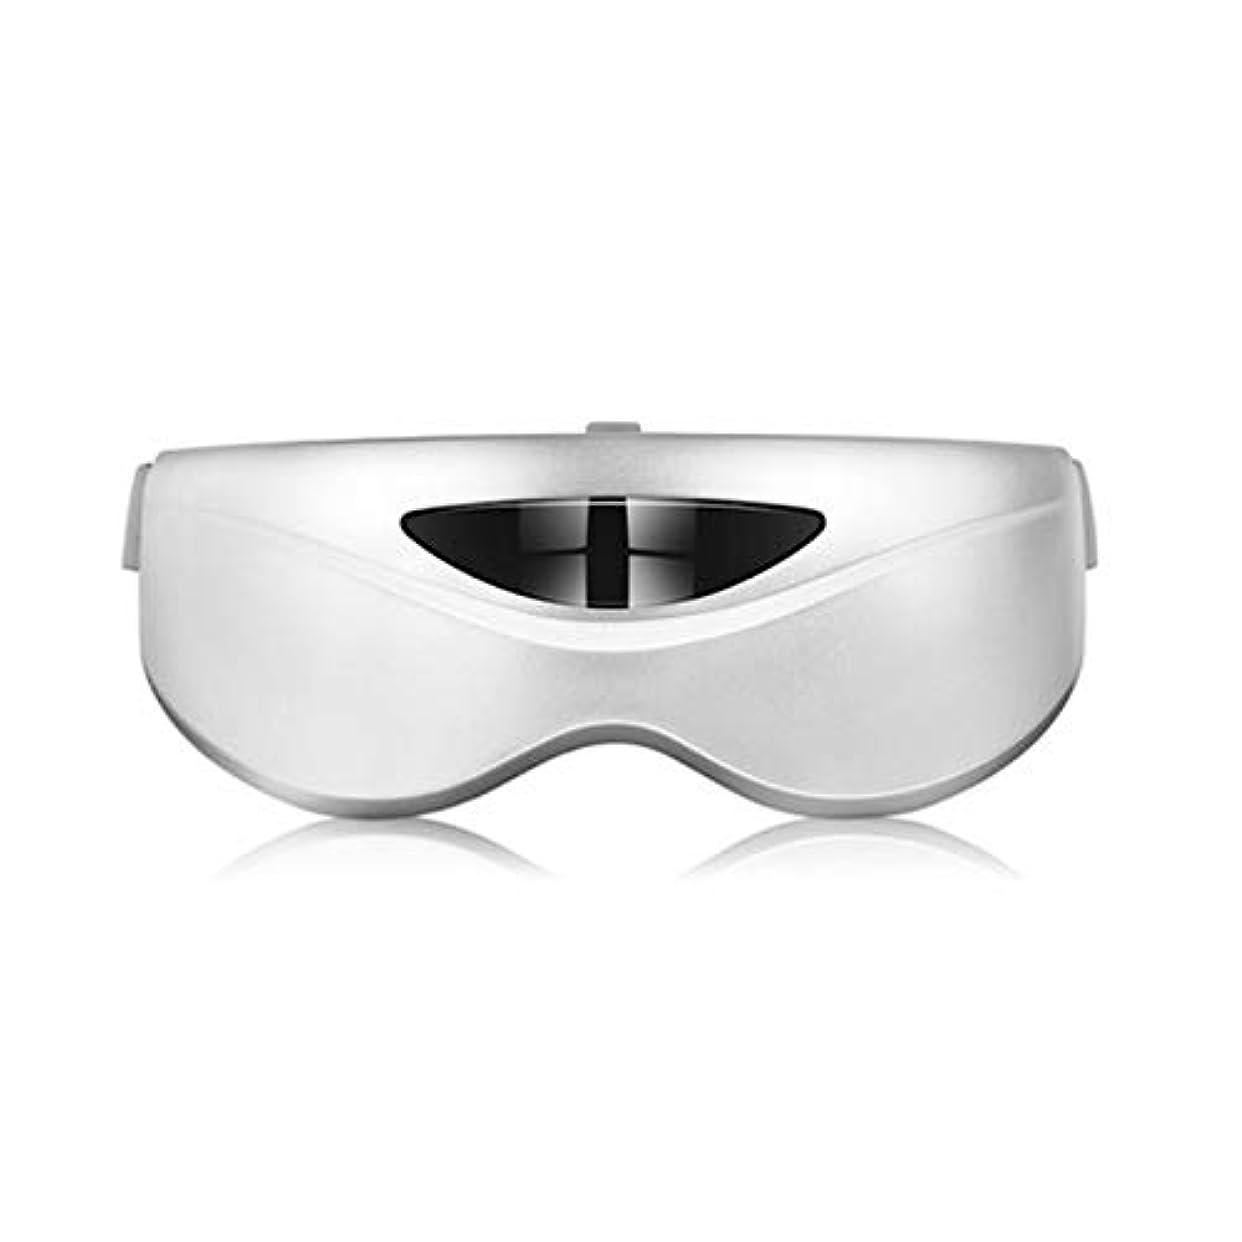 ガロン不規則な小人マッサージ器 - 熱を緩和するアイケア機器アイマスク疲労マッサージ器 (Color : Silver)